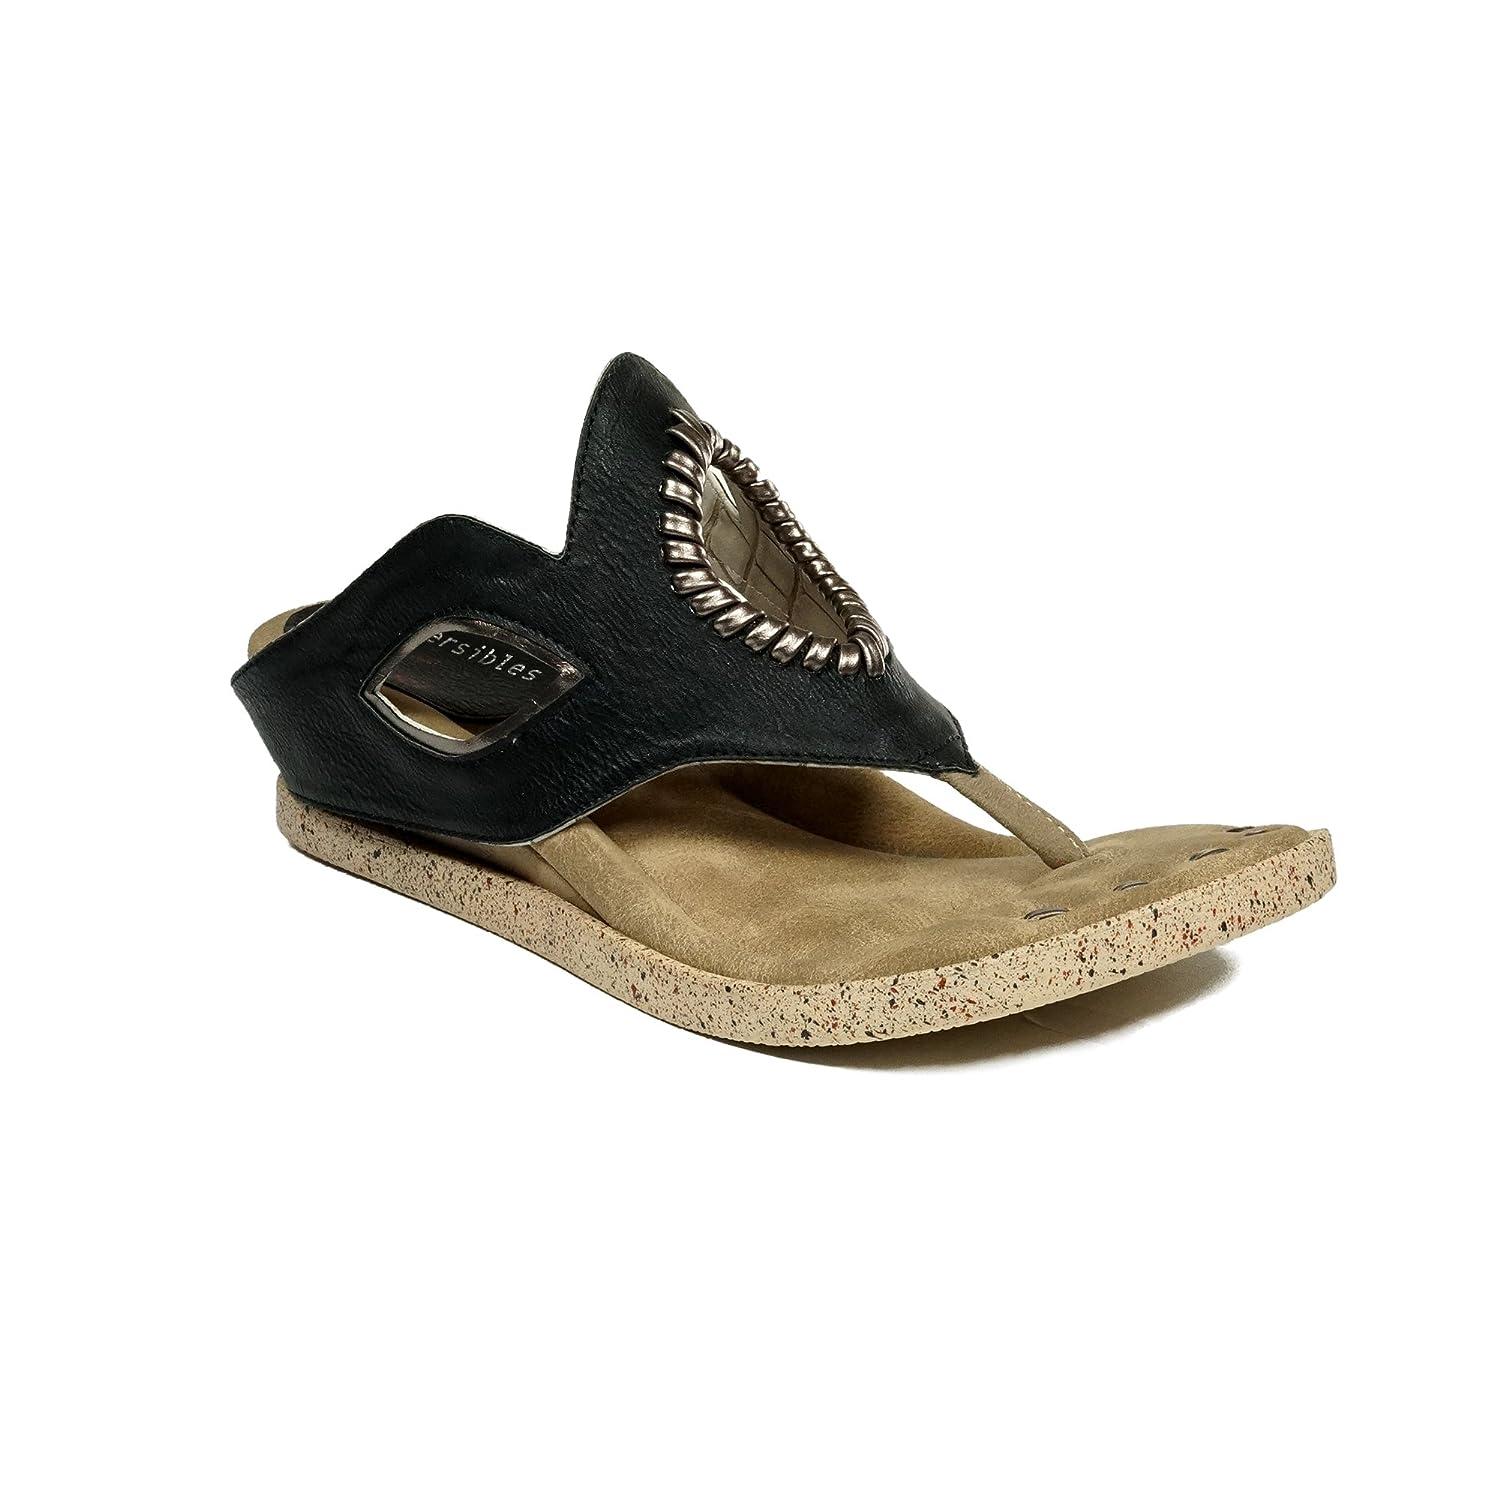 Modzori Lirah Women's Low Wedge Reversible Sandal B07BVGQBP9 10 B(M) US|Black/Bone